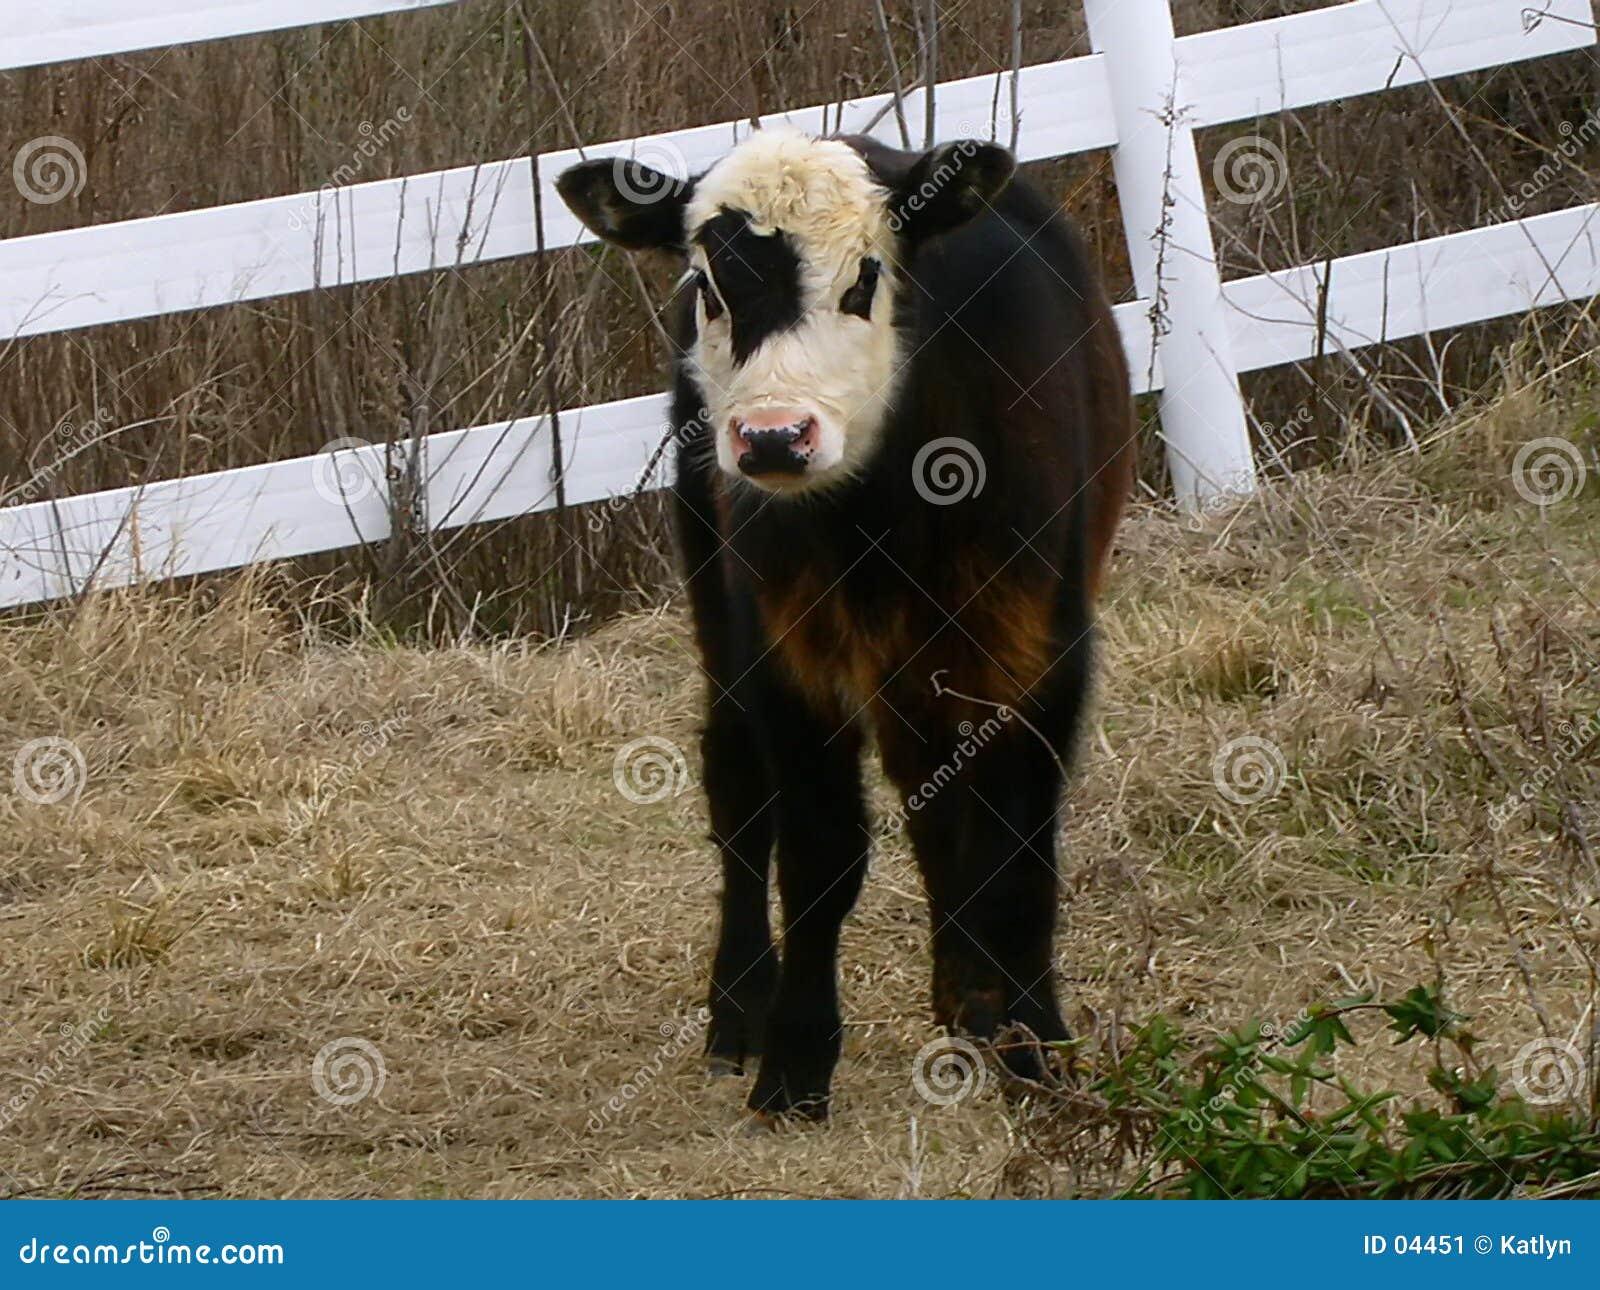 Kalv little